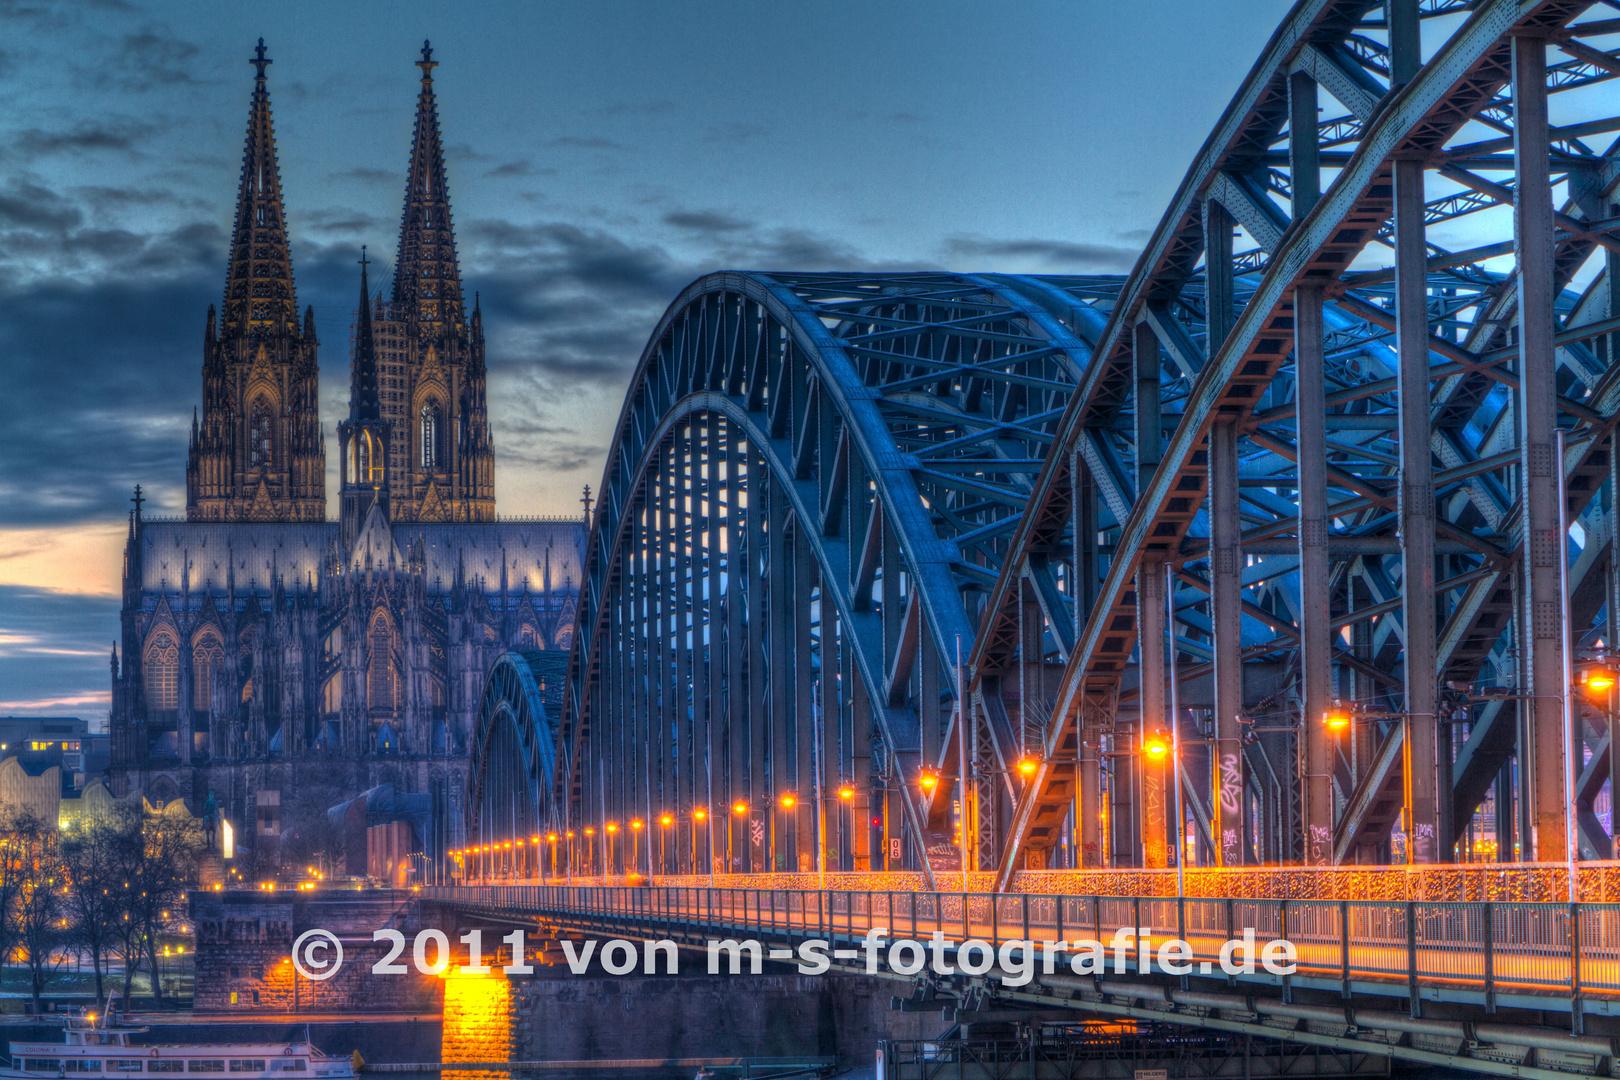 Kölner Dom & Hohenzollernbrücke, Variante02